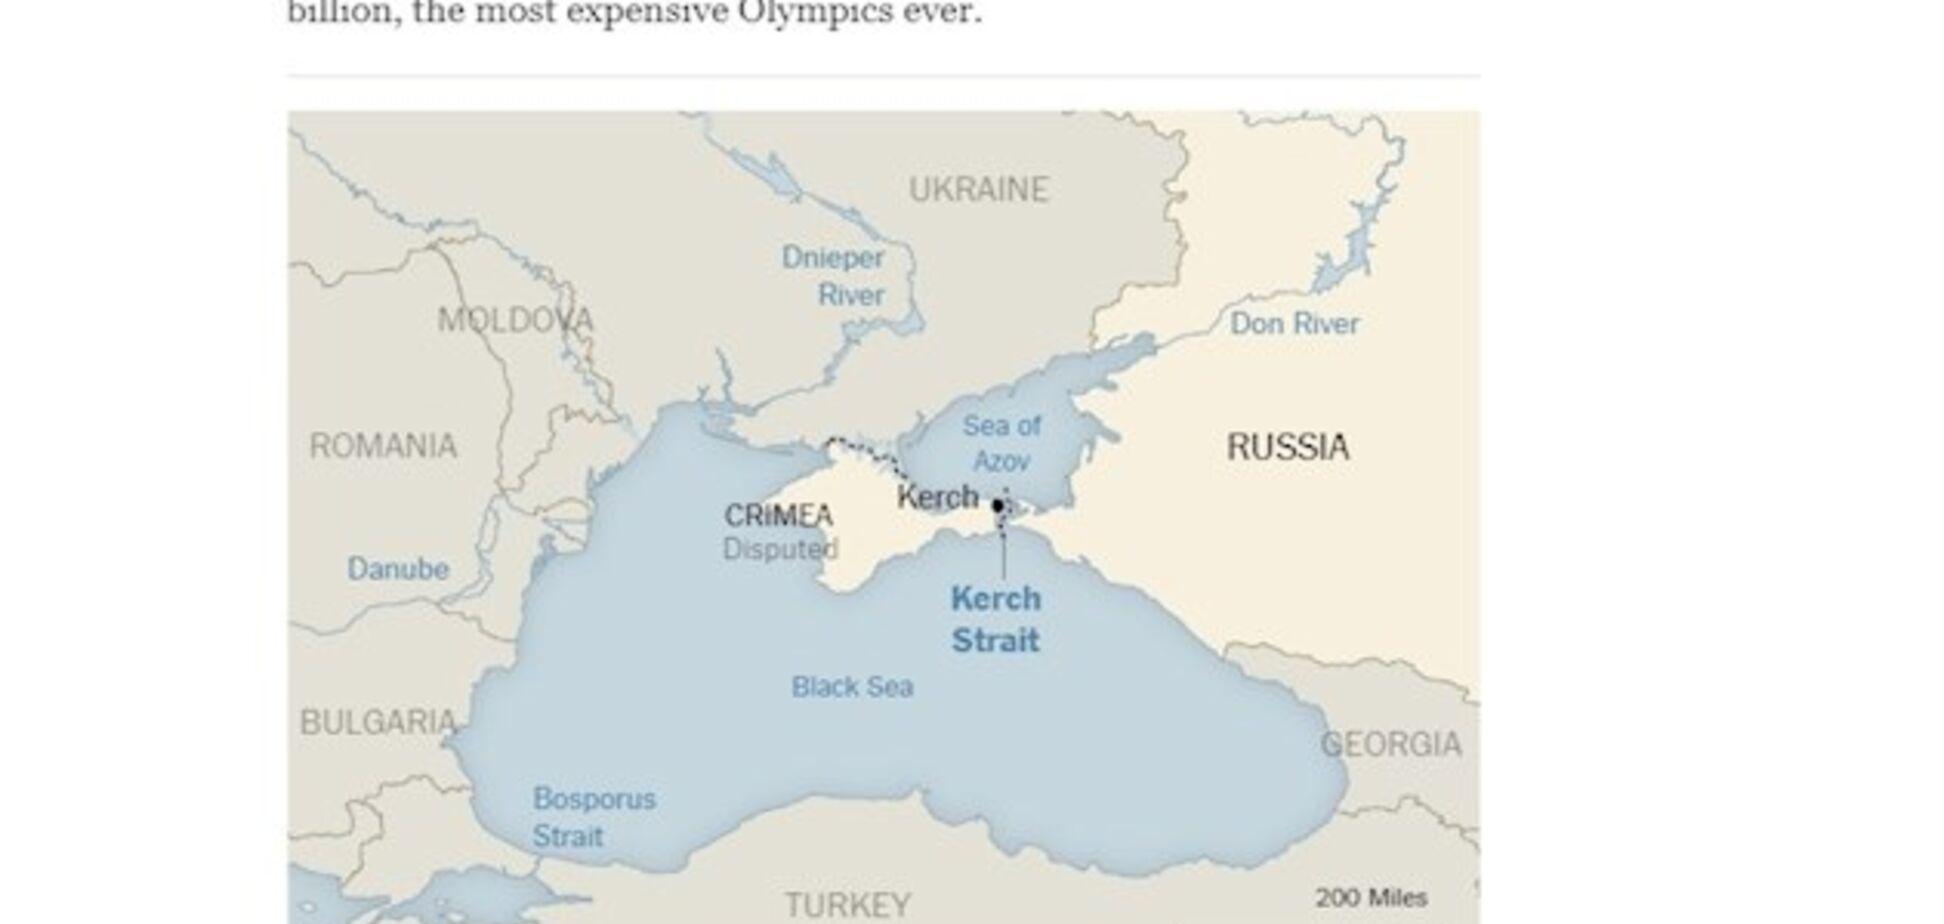 'Продолжат рисовать': журналист пояснил последствия 'крымского' скандала с New York Times